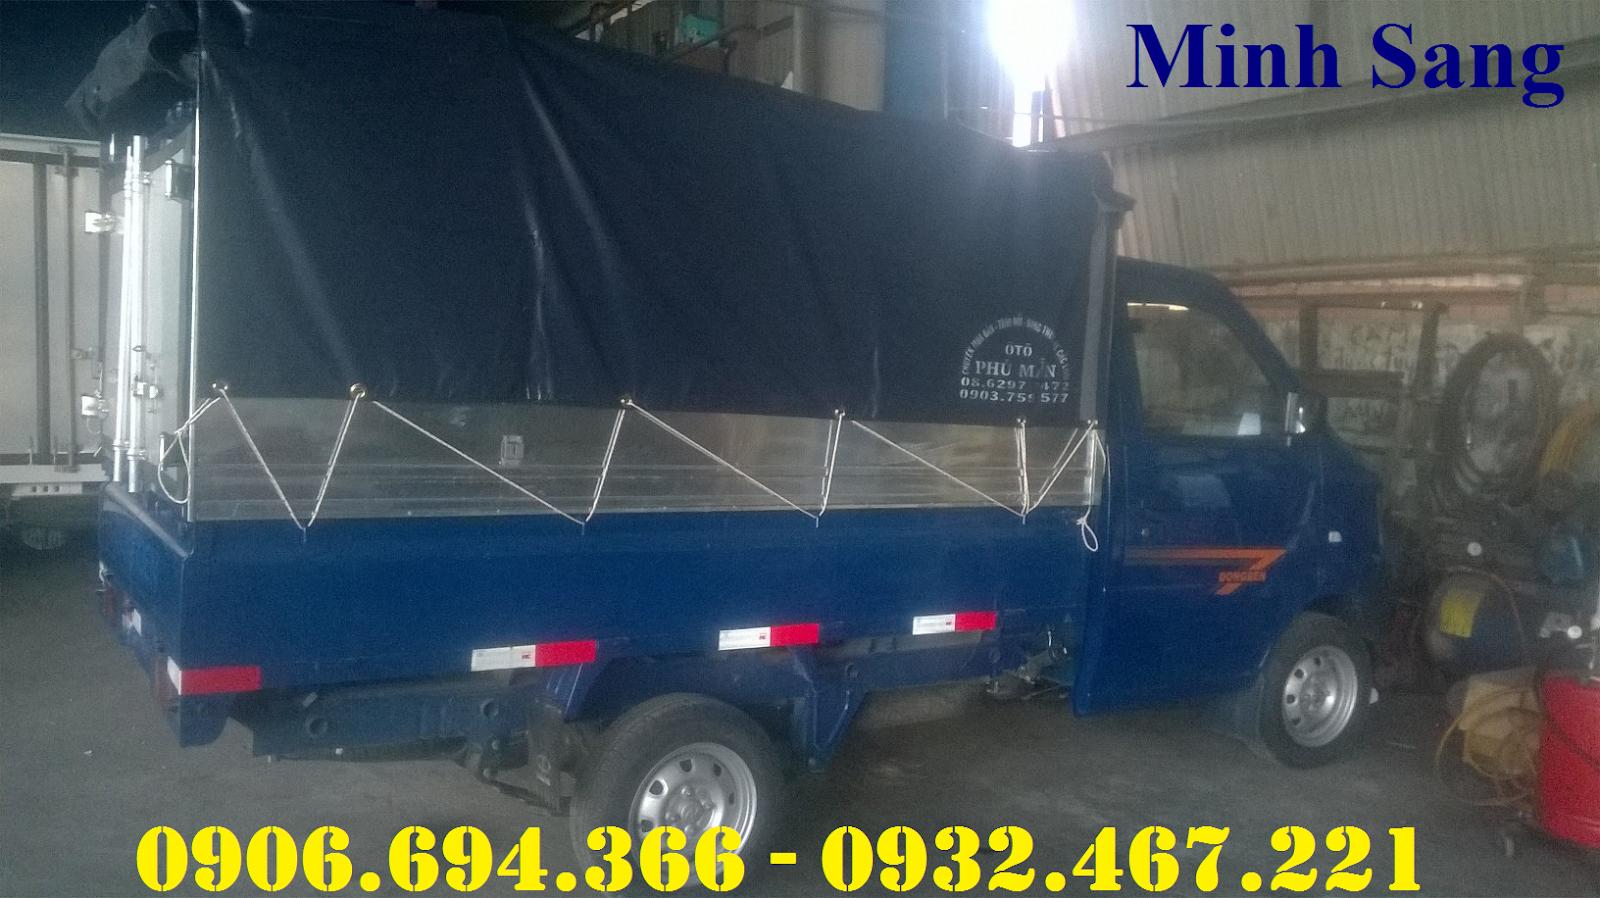 Bán xe tải nhỏ dưới 1 tấn thùng 2 mét trả góp uy tín sài gòn